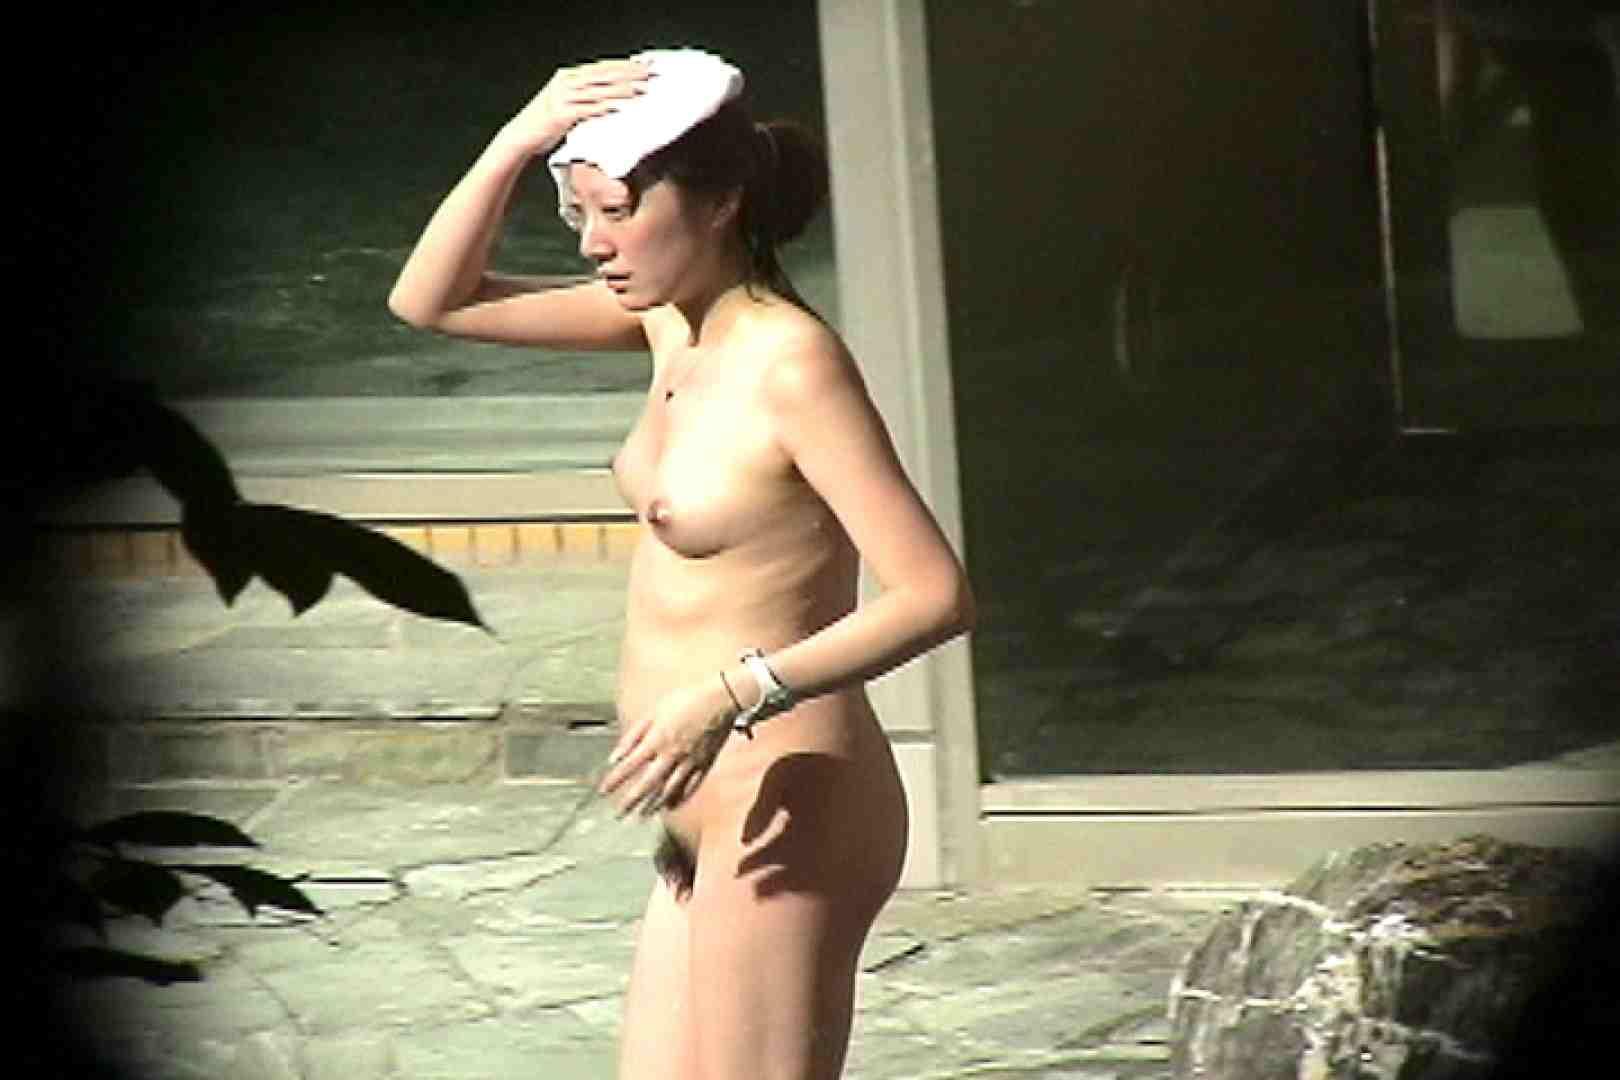 Aquaな露天風呂Vol.707 美しいOLの裸体 ヌード画像 75pic 8